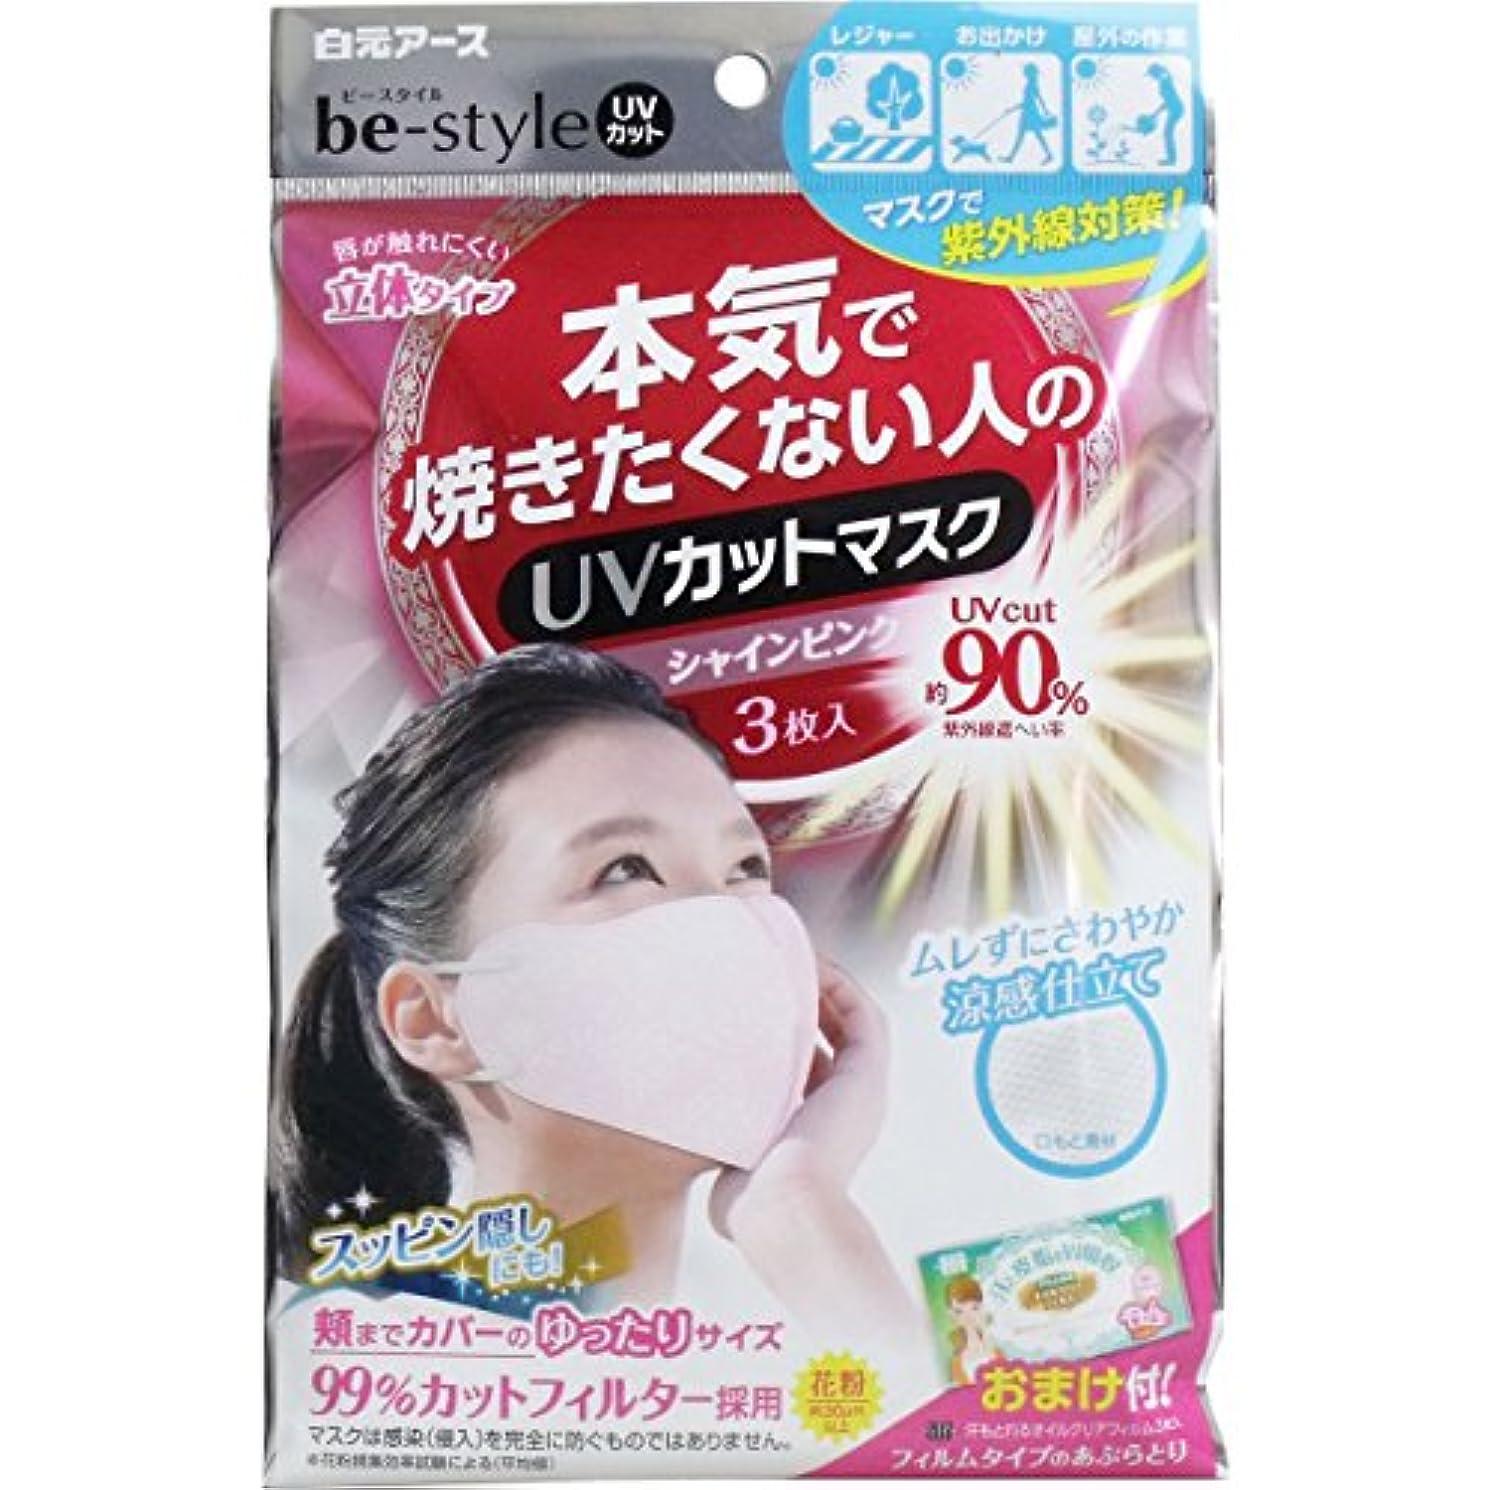 記念品ブランデー操作可能ビースタイル UVカットマスク シャインピンク 3枚入10個×1箱(30枚)